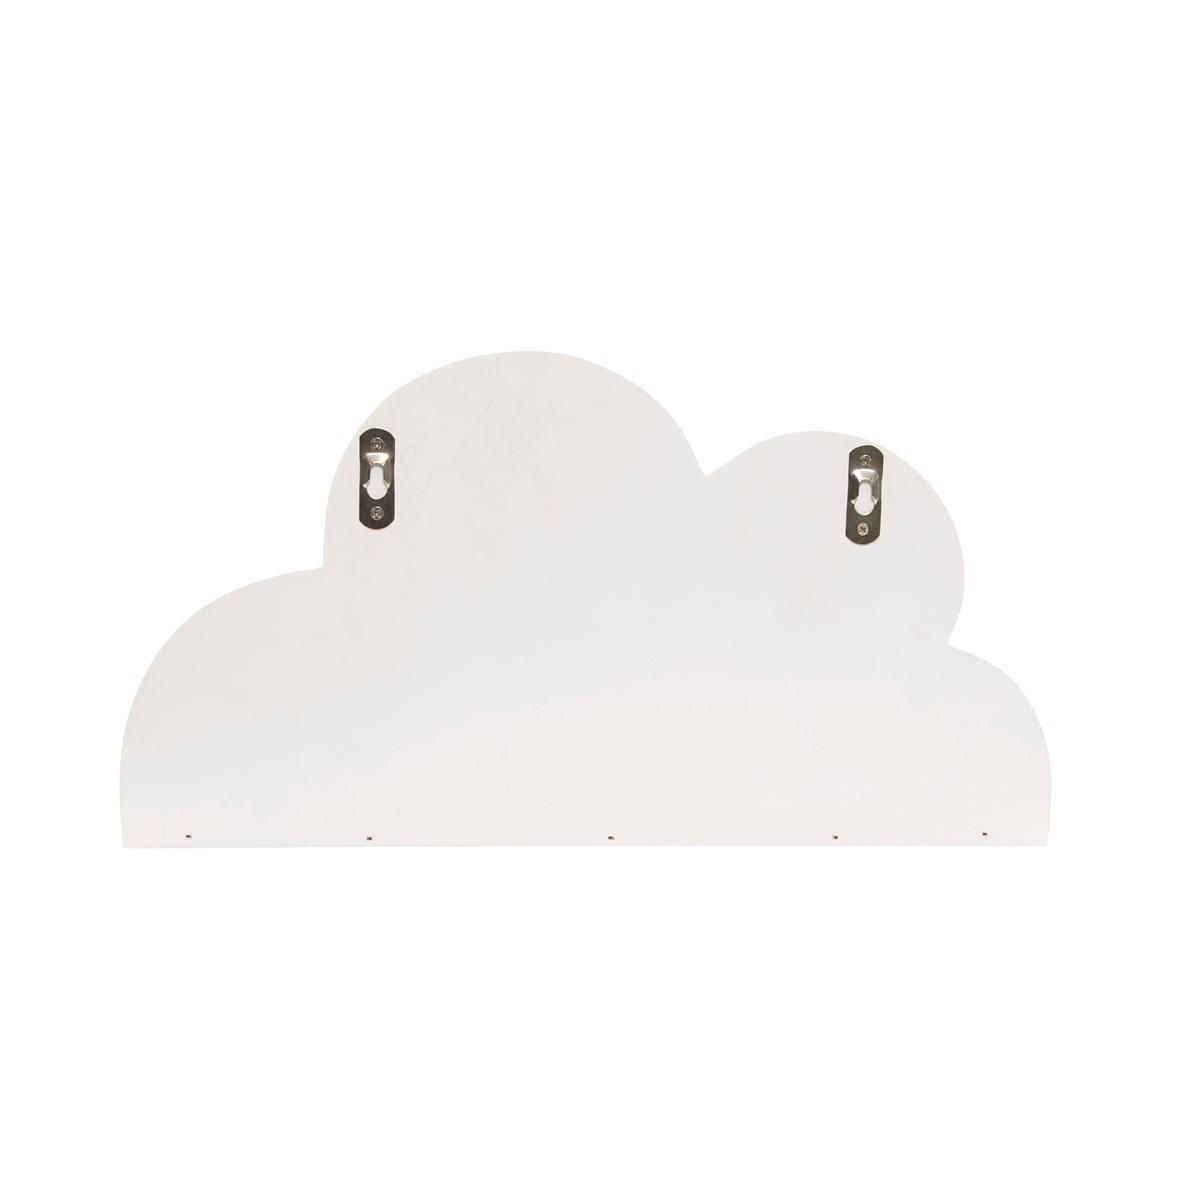 Sass and Belle Cloud Shelf